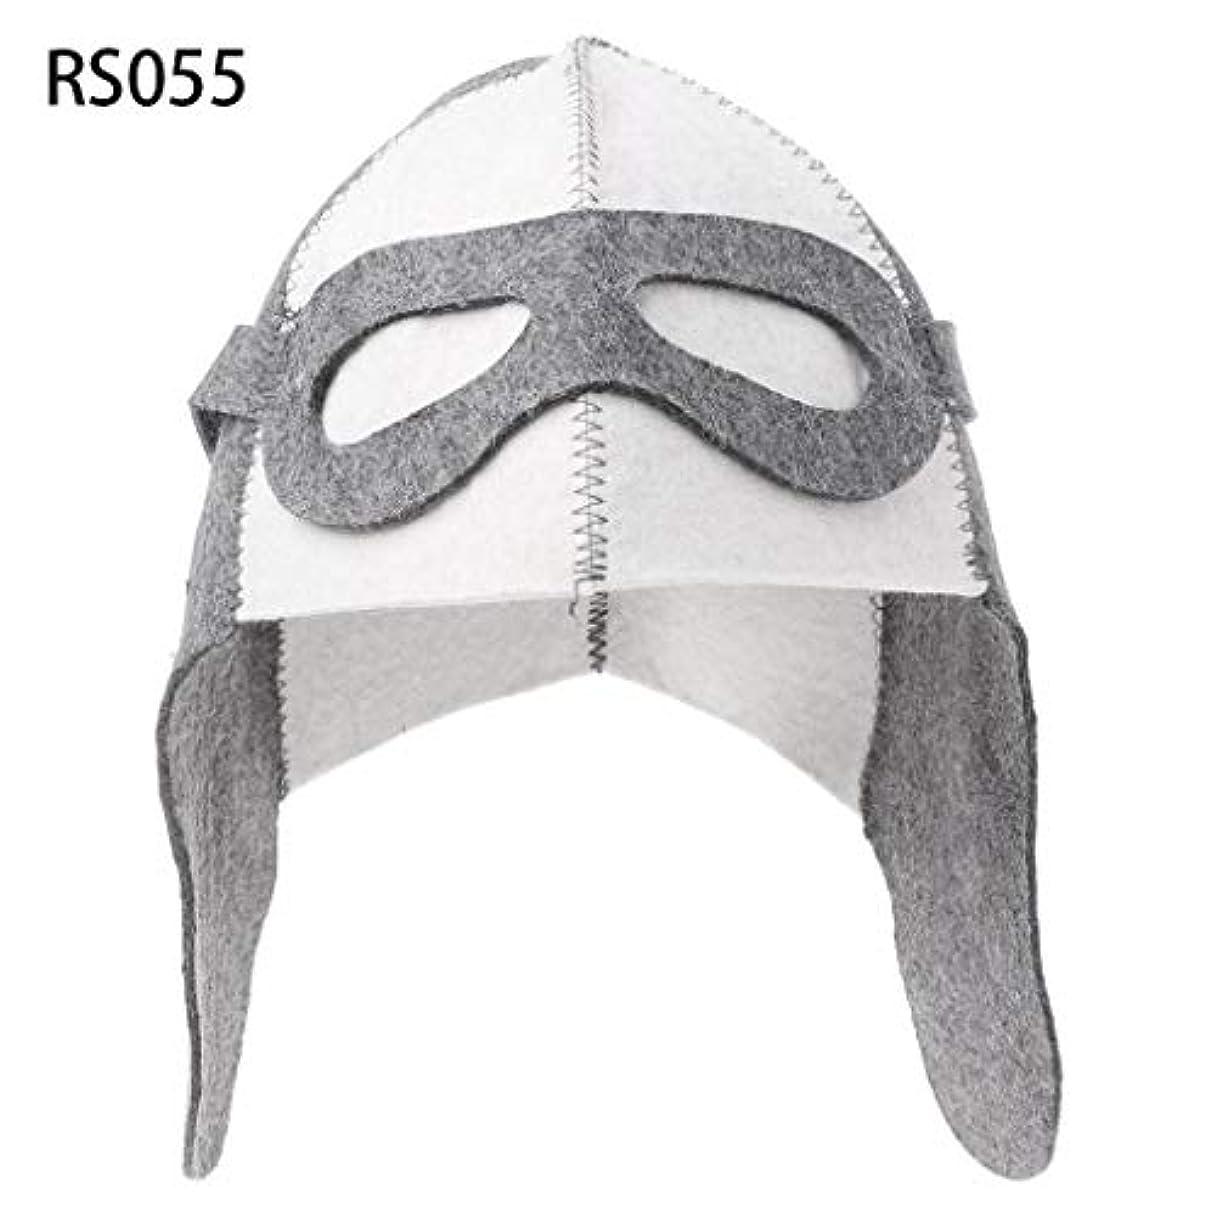 感覚慣性ペンスLANDUMのウールのフェルトのサウナの帽子、浴室の家の頭部の保護のための反熱ロシアのバニヤ帽子